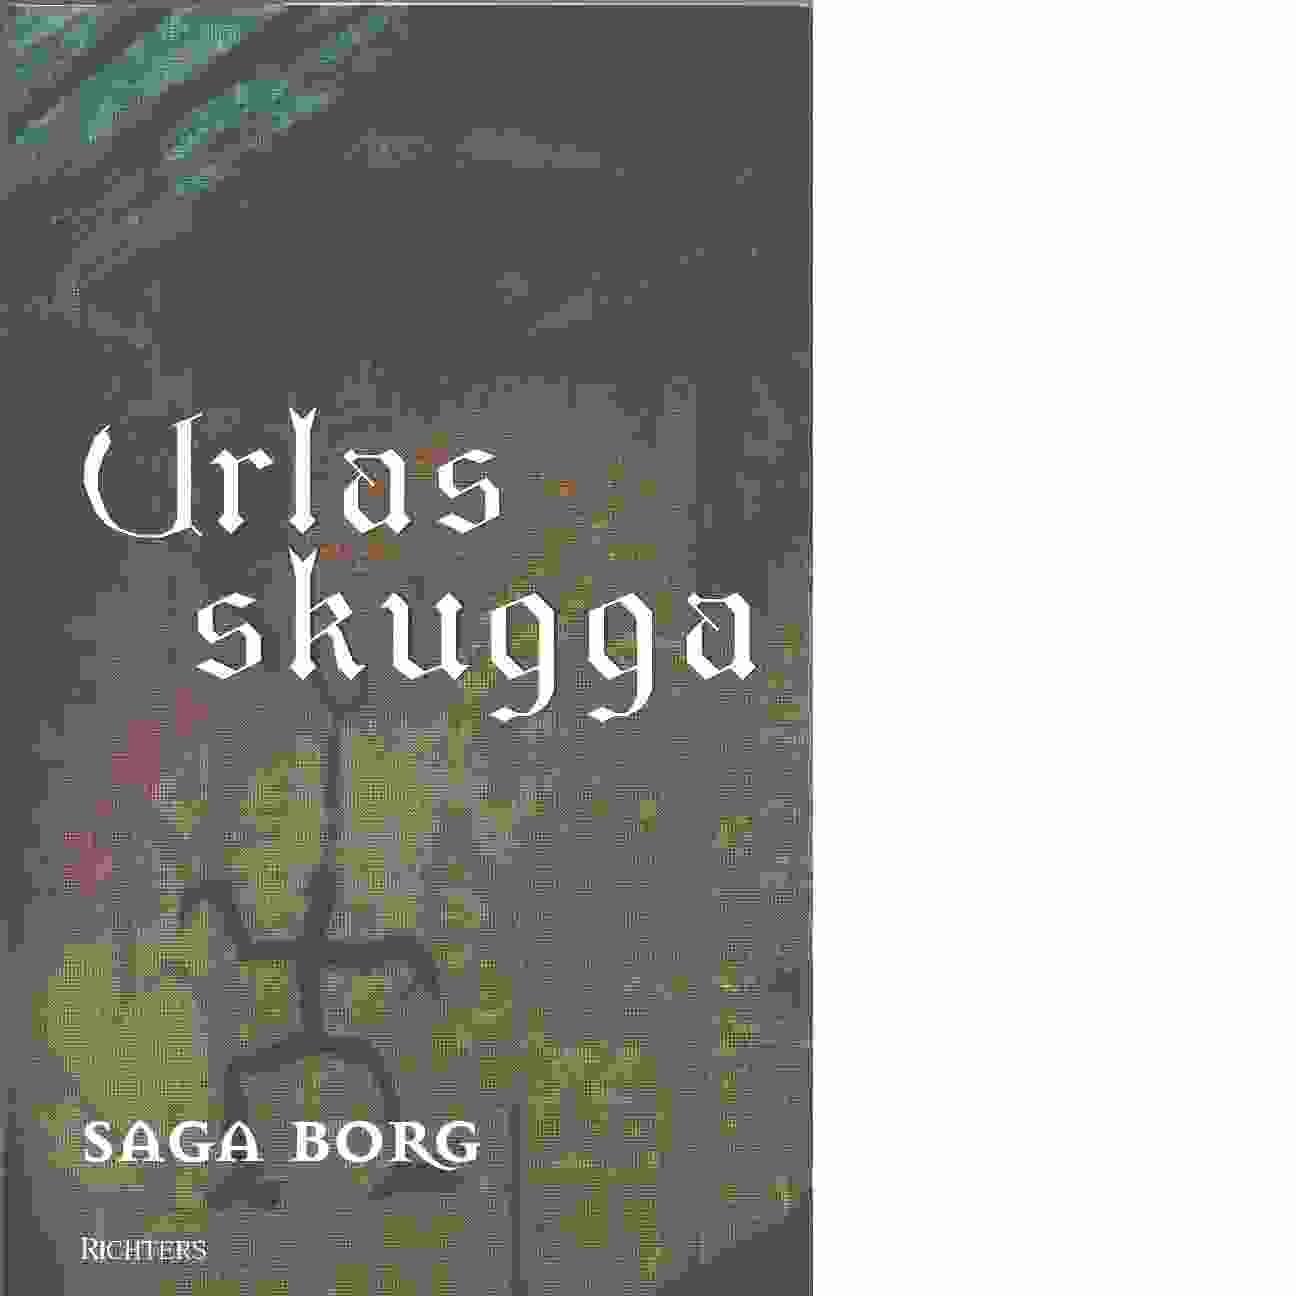 Jarastavens vandring. Bok 4, Urlas Skugga - Borg, Saga